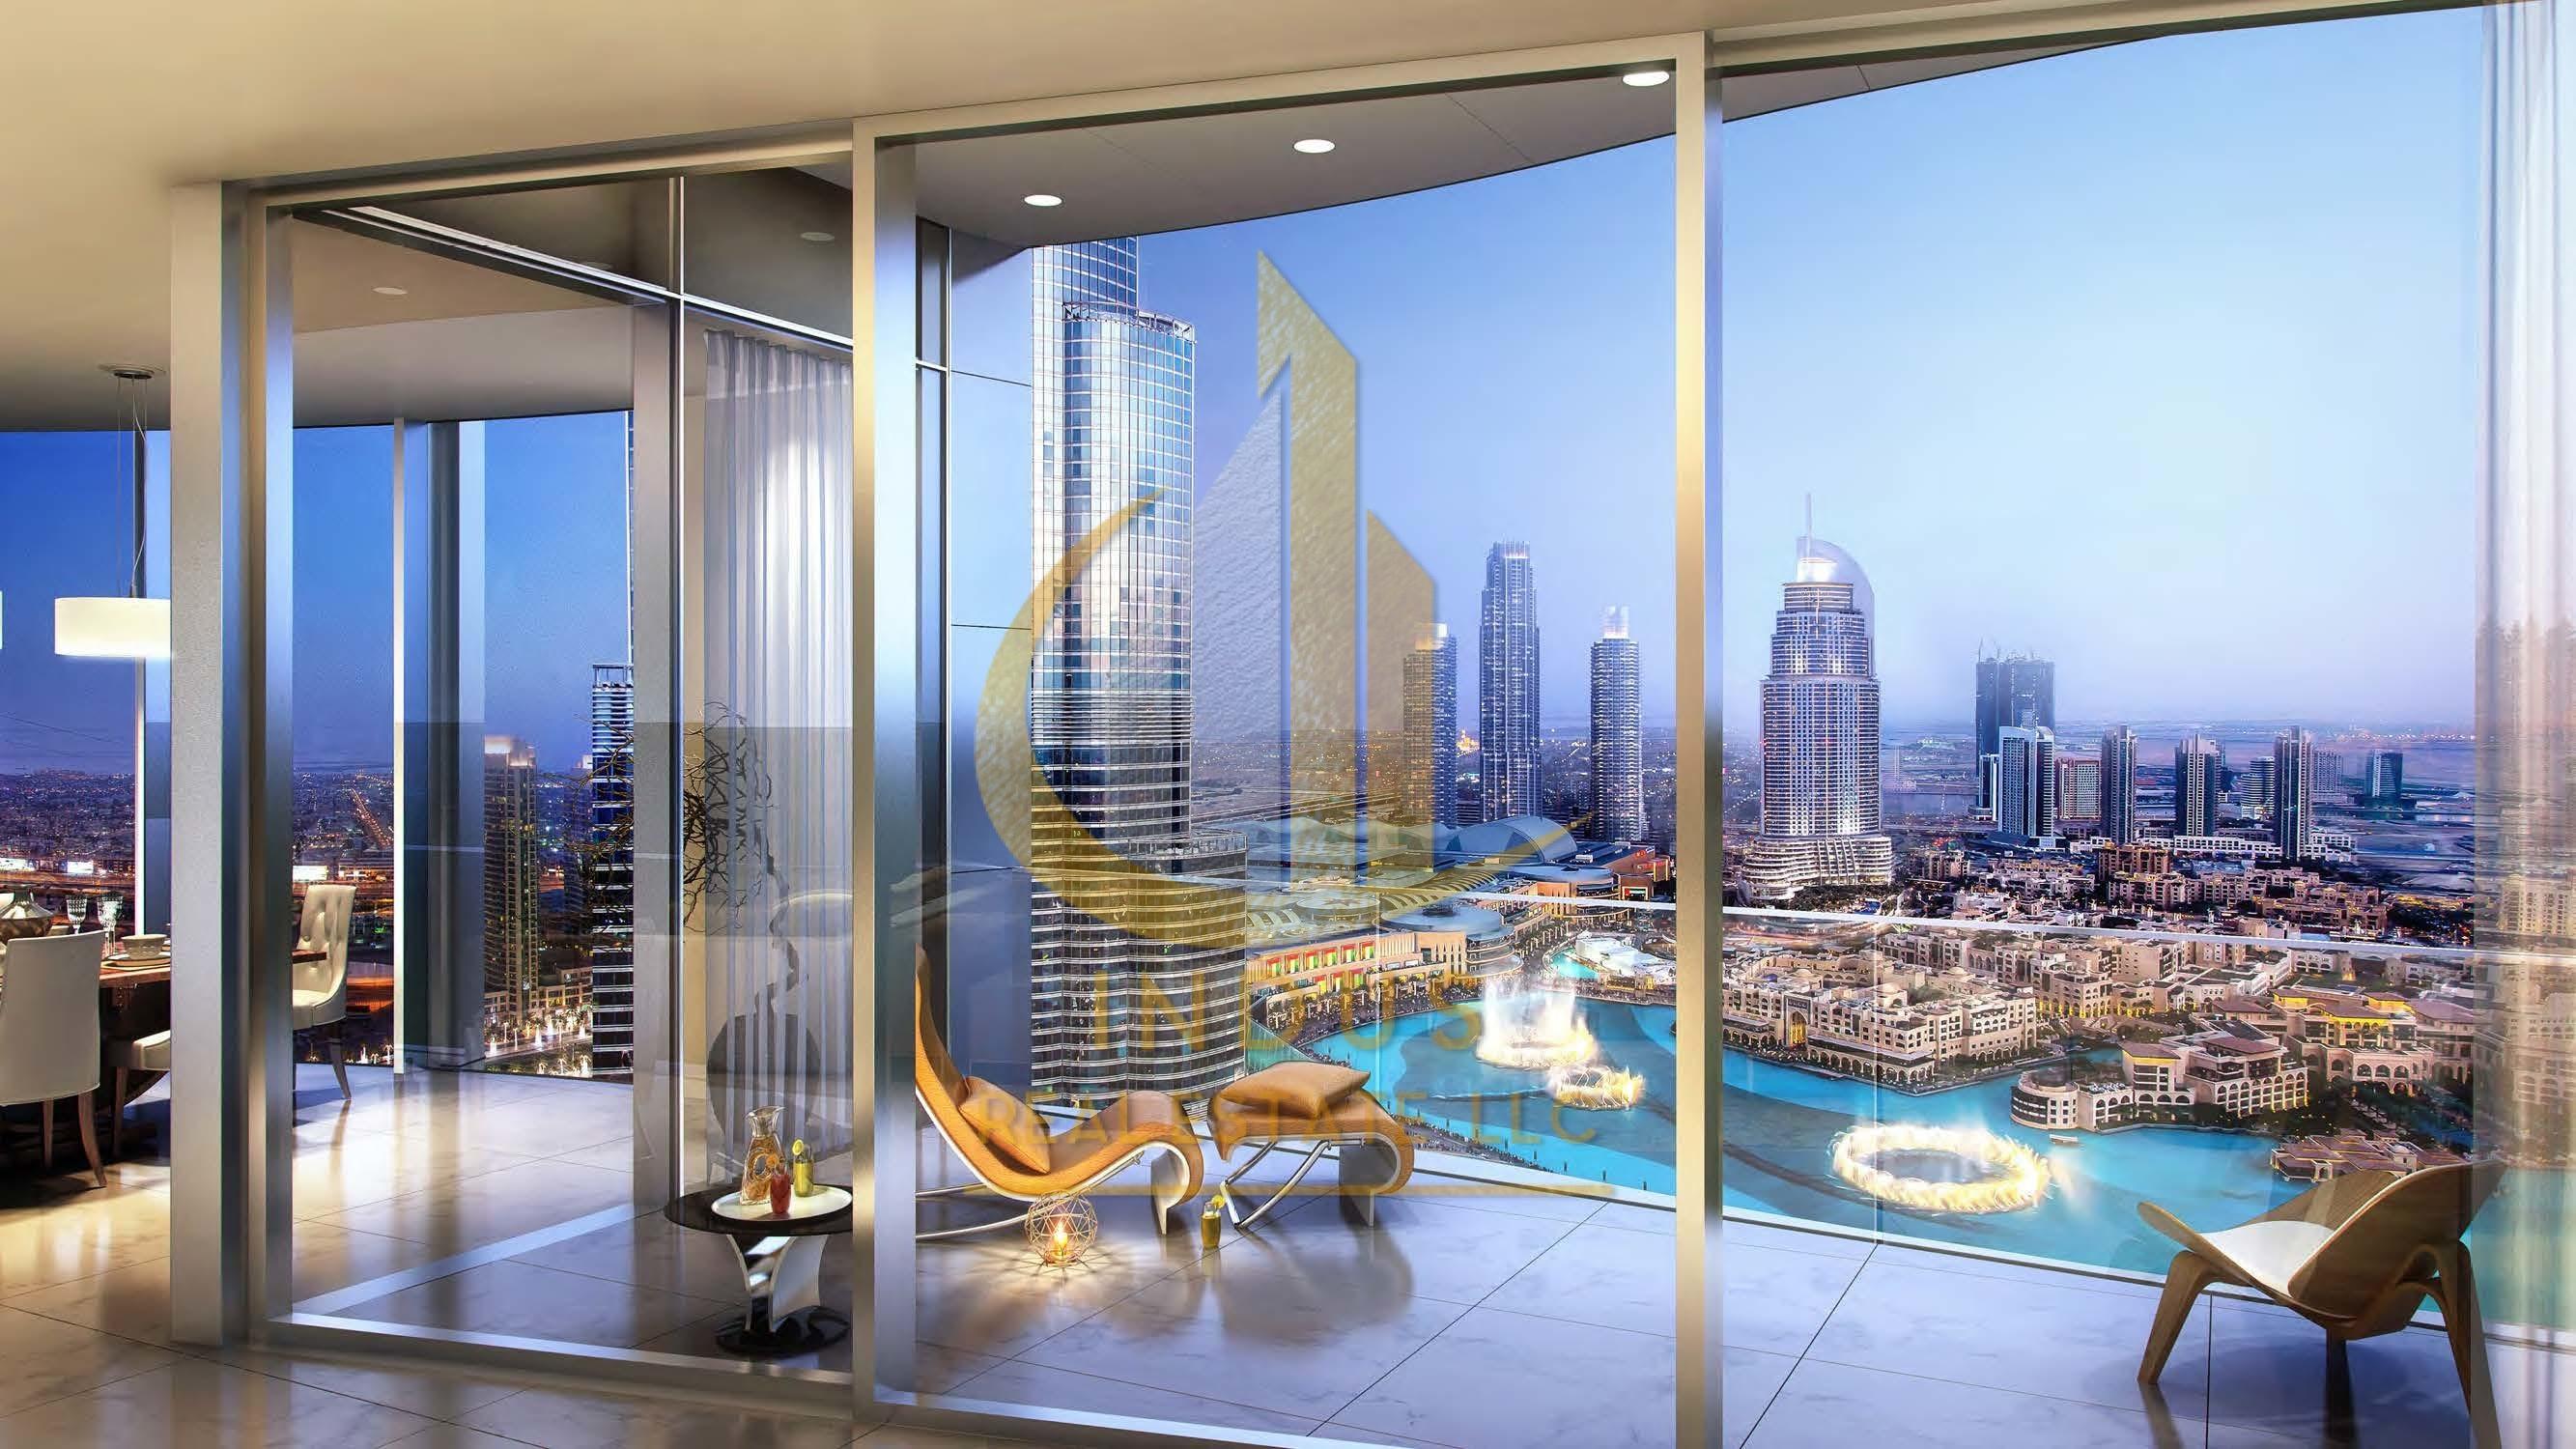 Burj Khalifa-Fountain Views! 5 Years Post-Handover